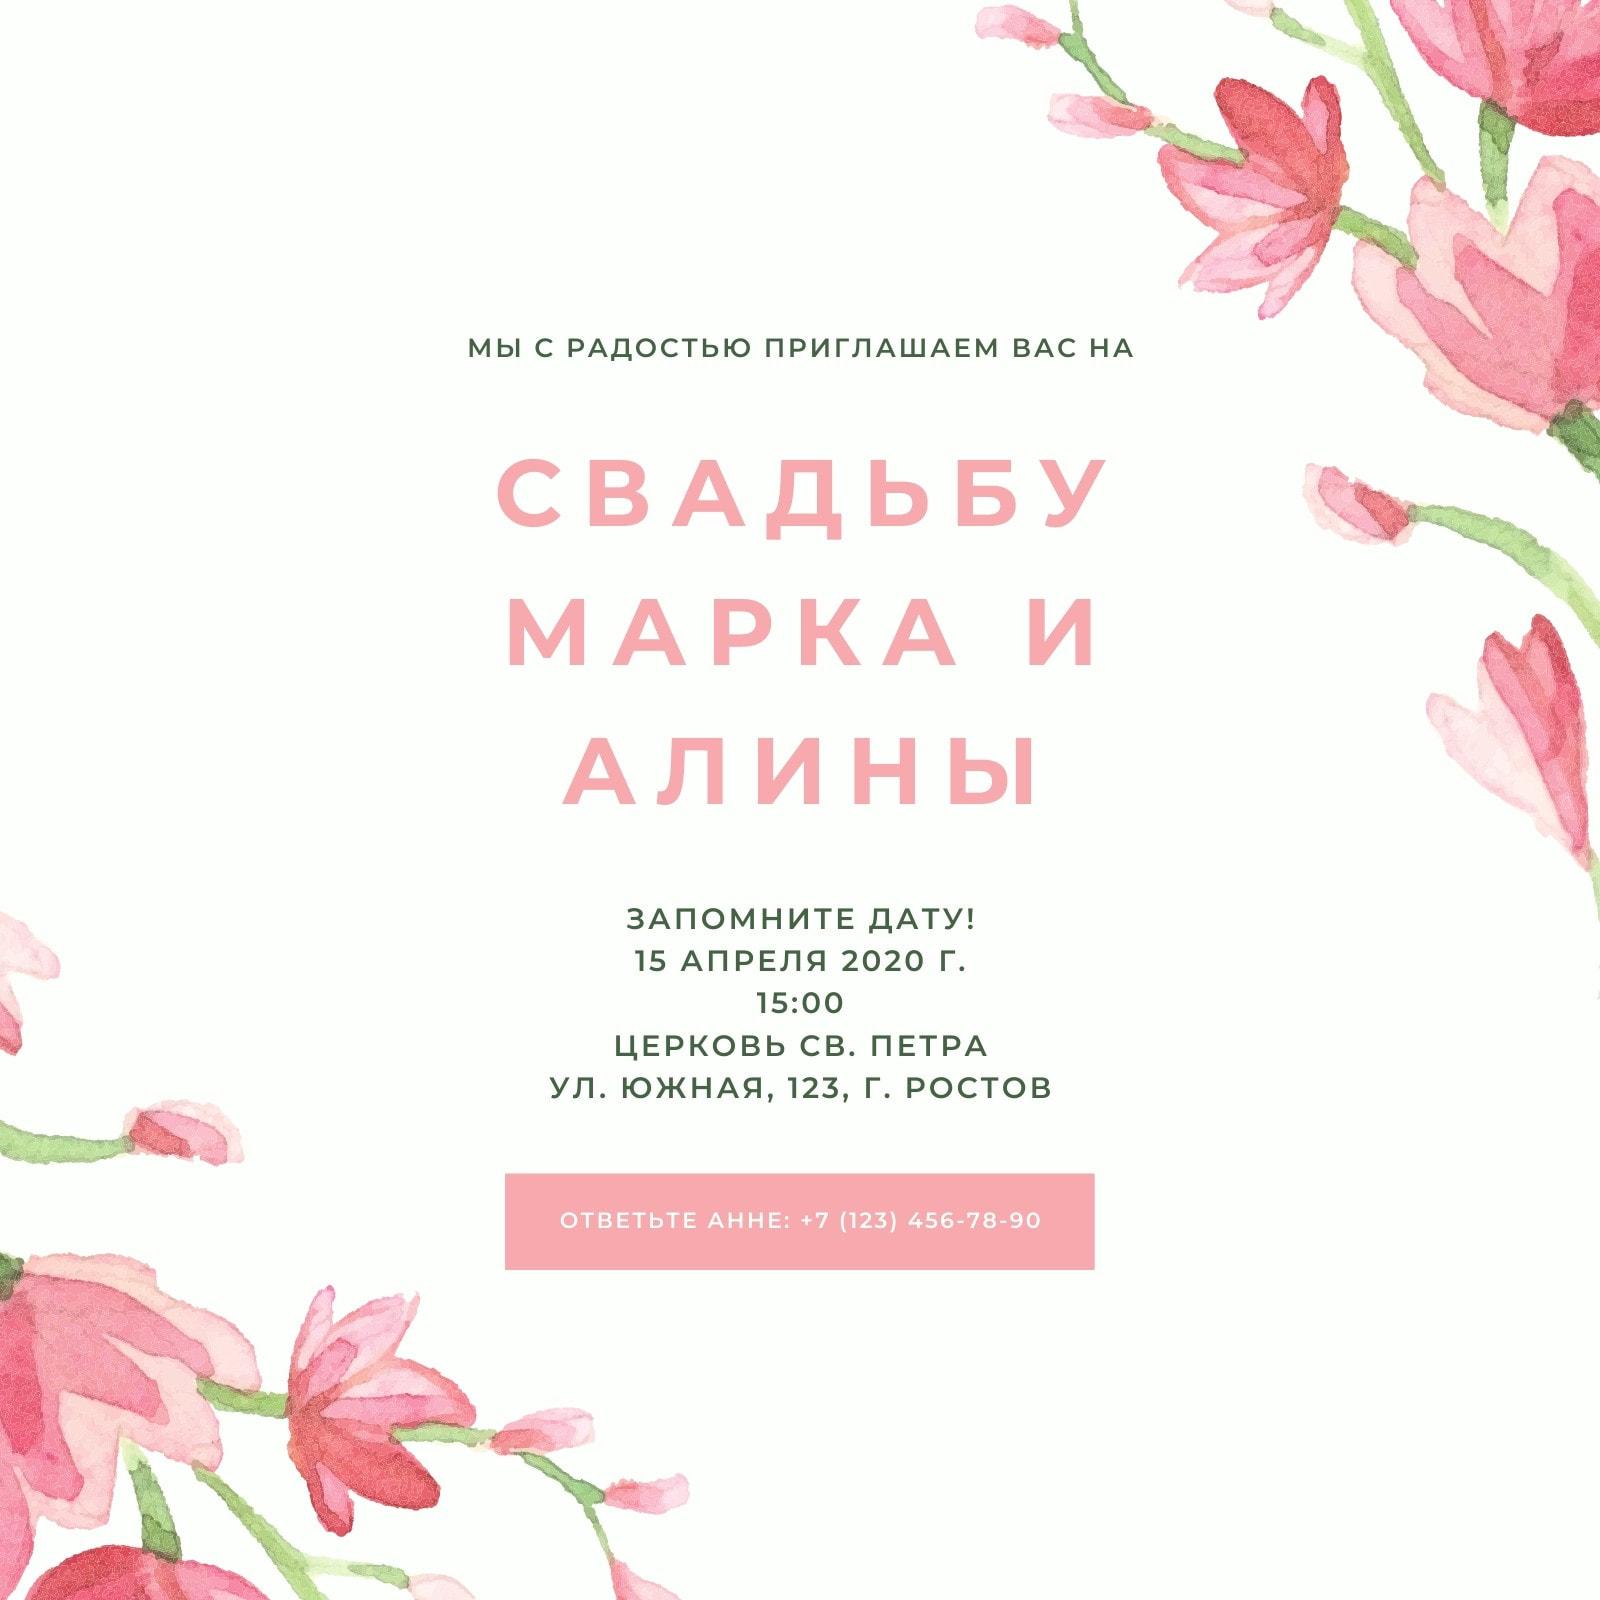 Розовое Цветочное Свадебное Приглашение